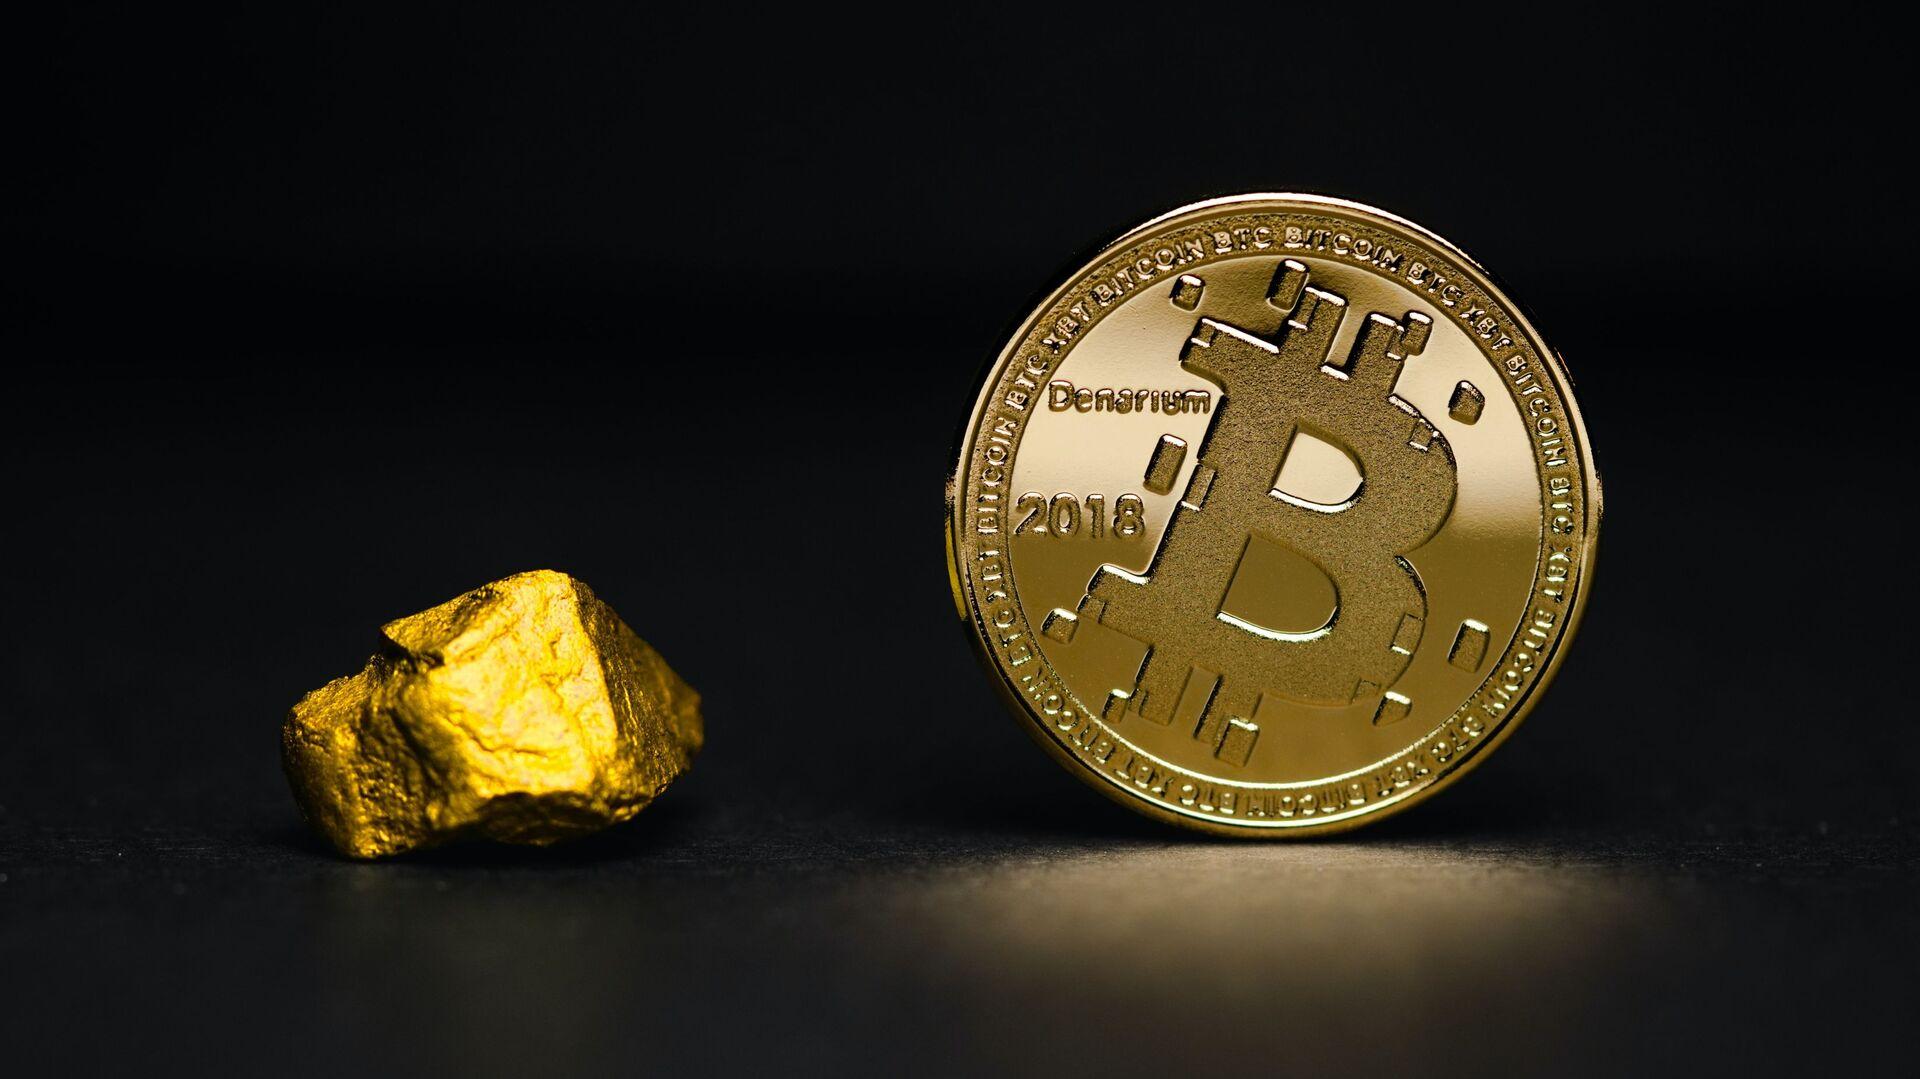 Una pepita de oro y un bitcoin (imagen referencial) - Sputnik Mundo, 1920, 09.06.2021